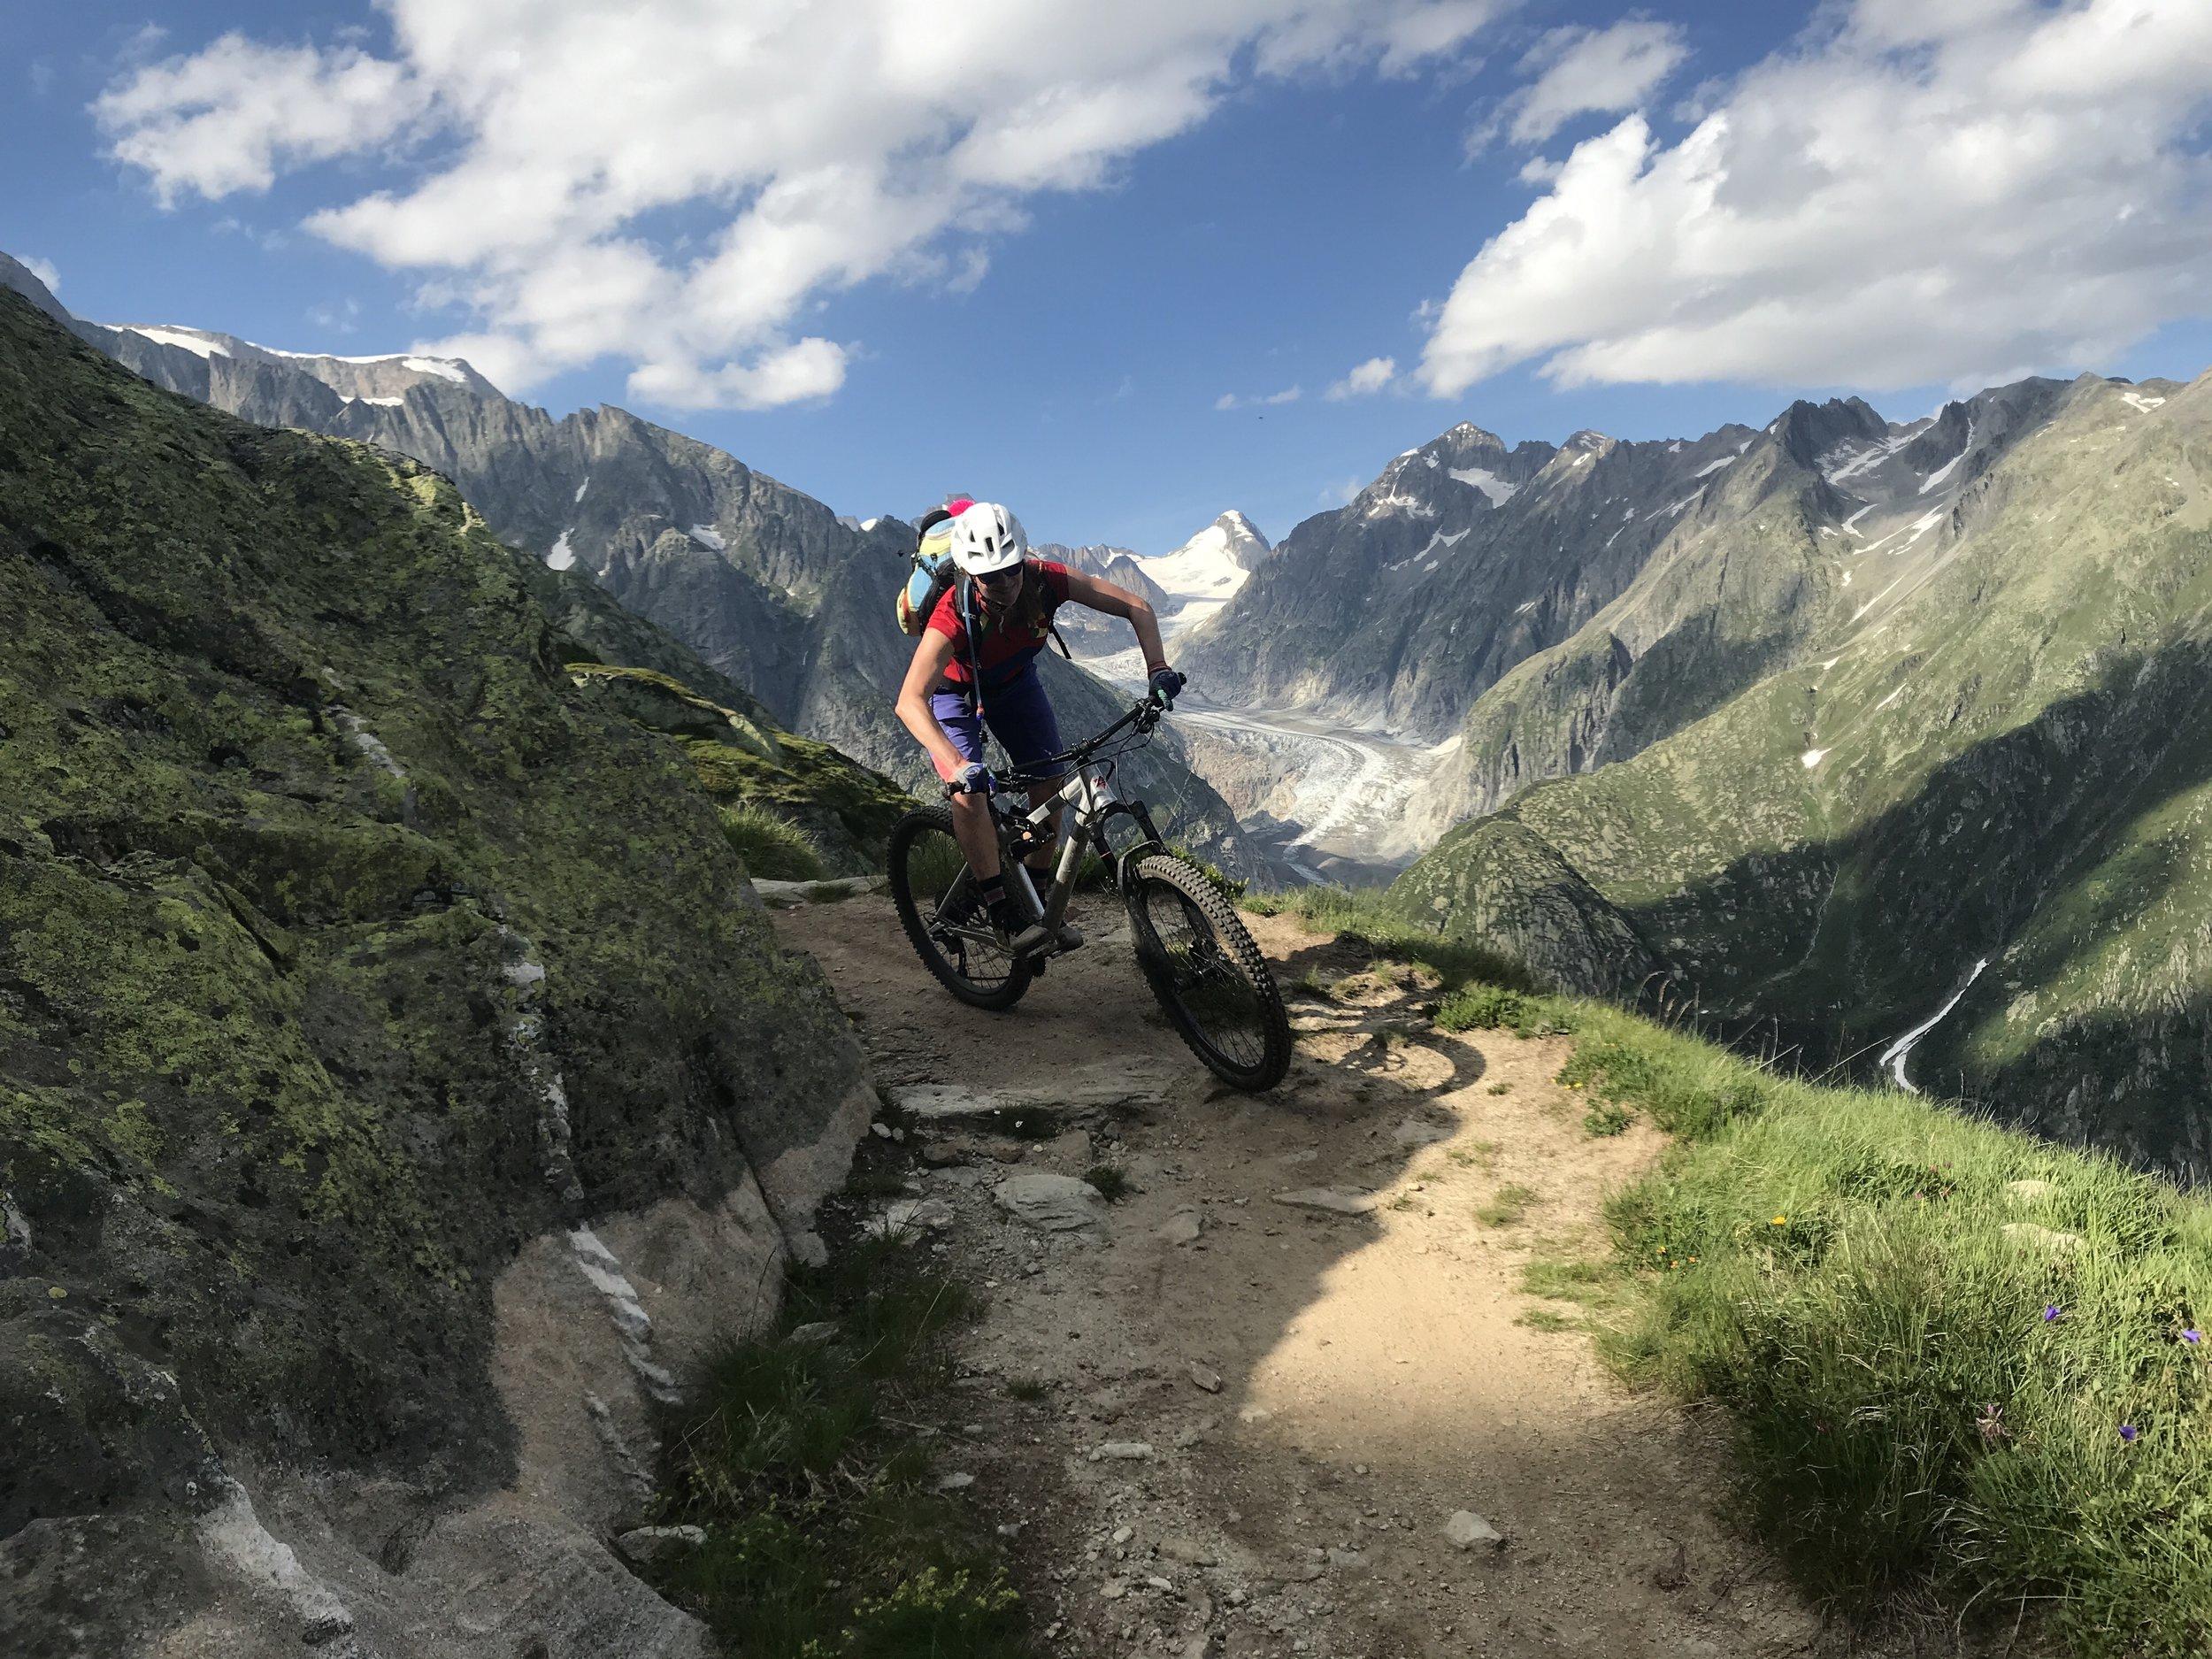 Abwechlunsgreiche Trails vor schönstem Panorama